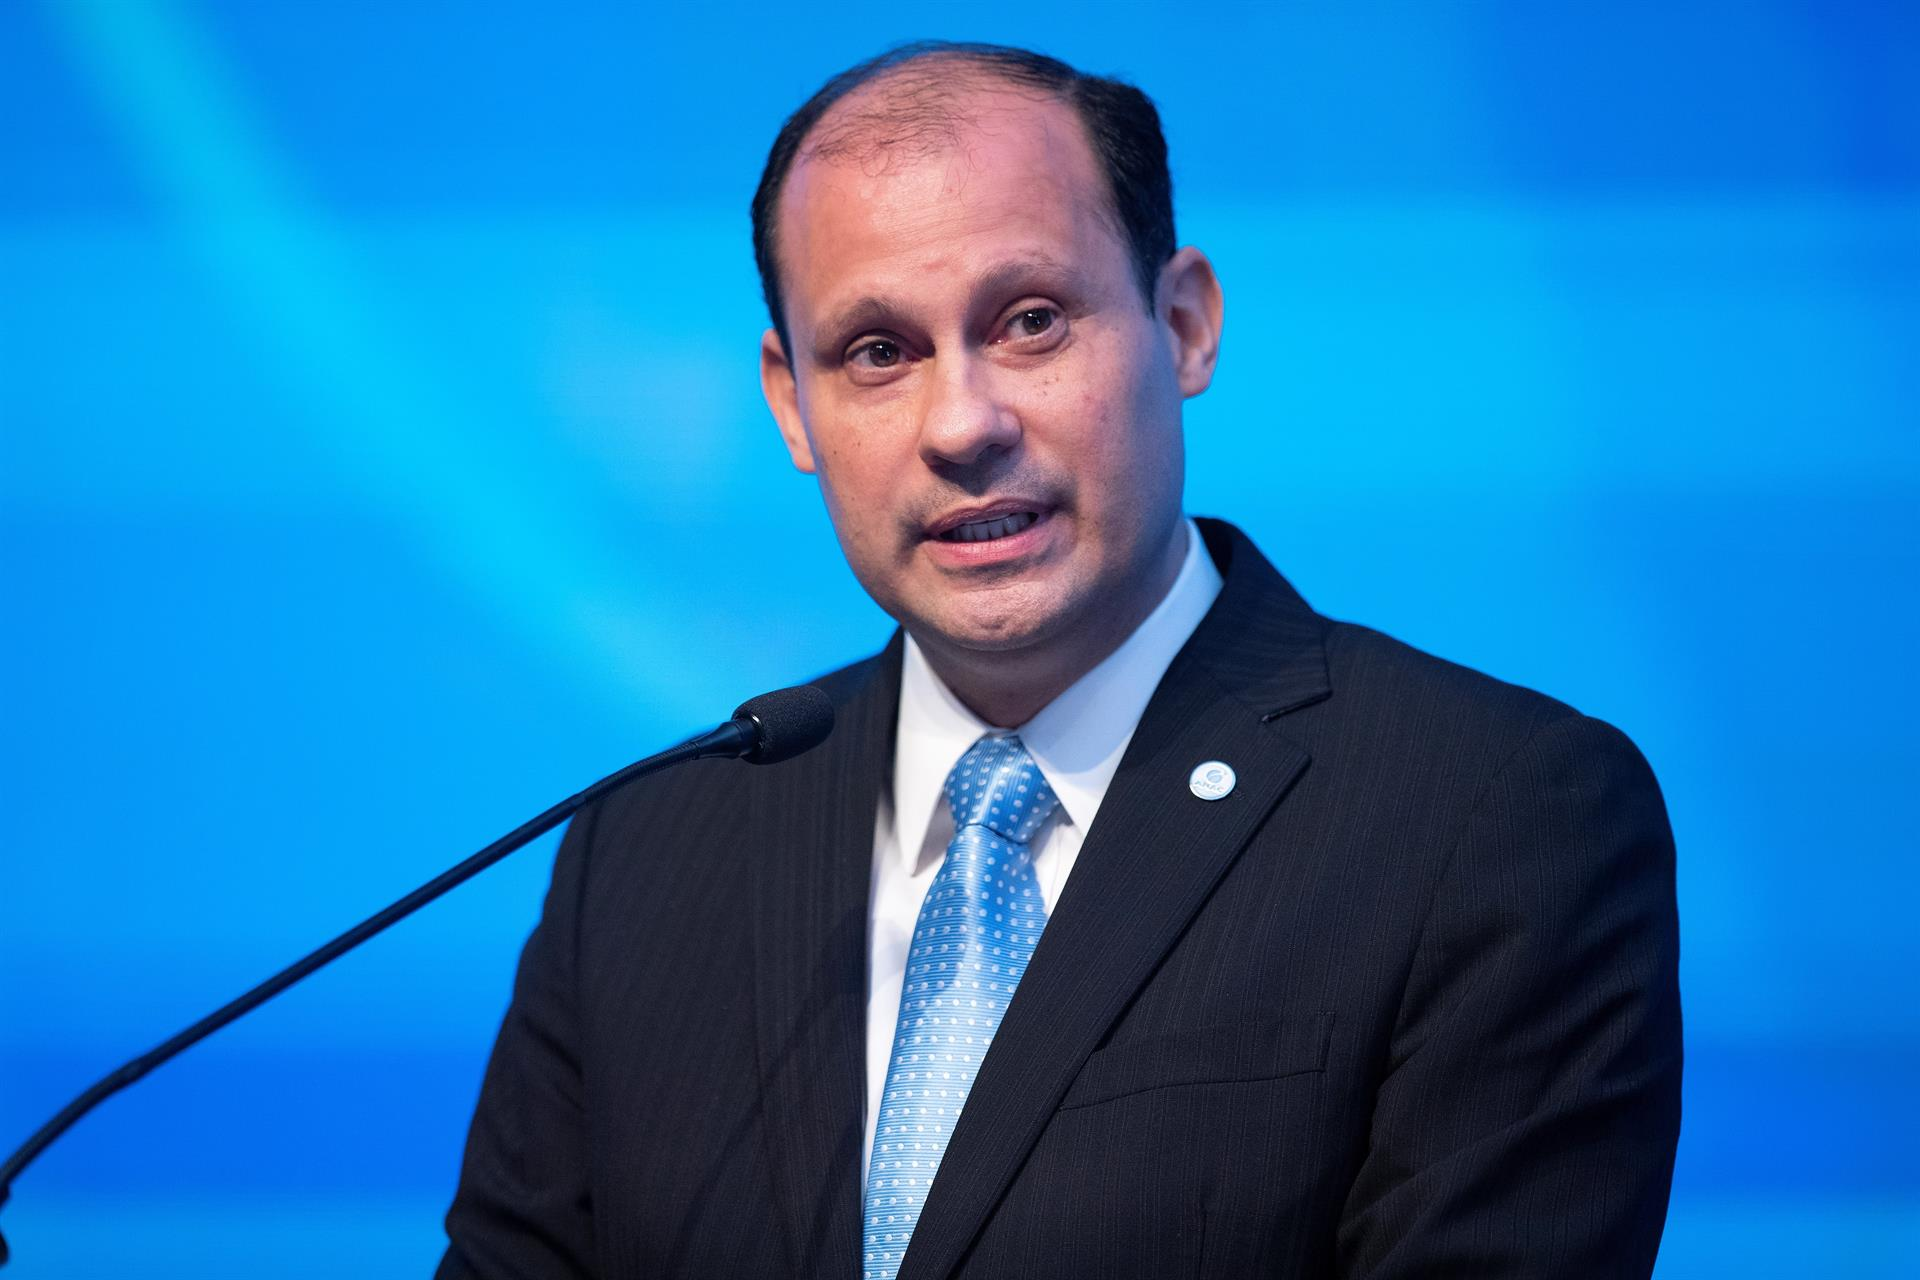 El director ejecutivo y consejero delegado (CEO) de la Agencia Nacional de Aviación (ANAC), José Ricardo Botelho. EFE/Joédson Alves/Archivo